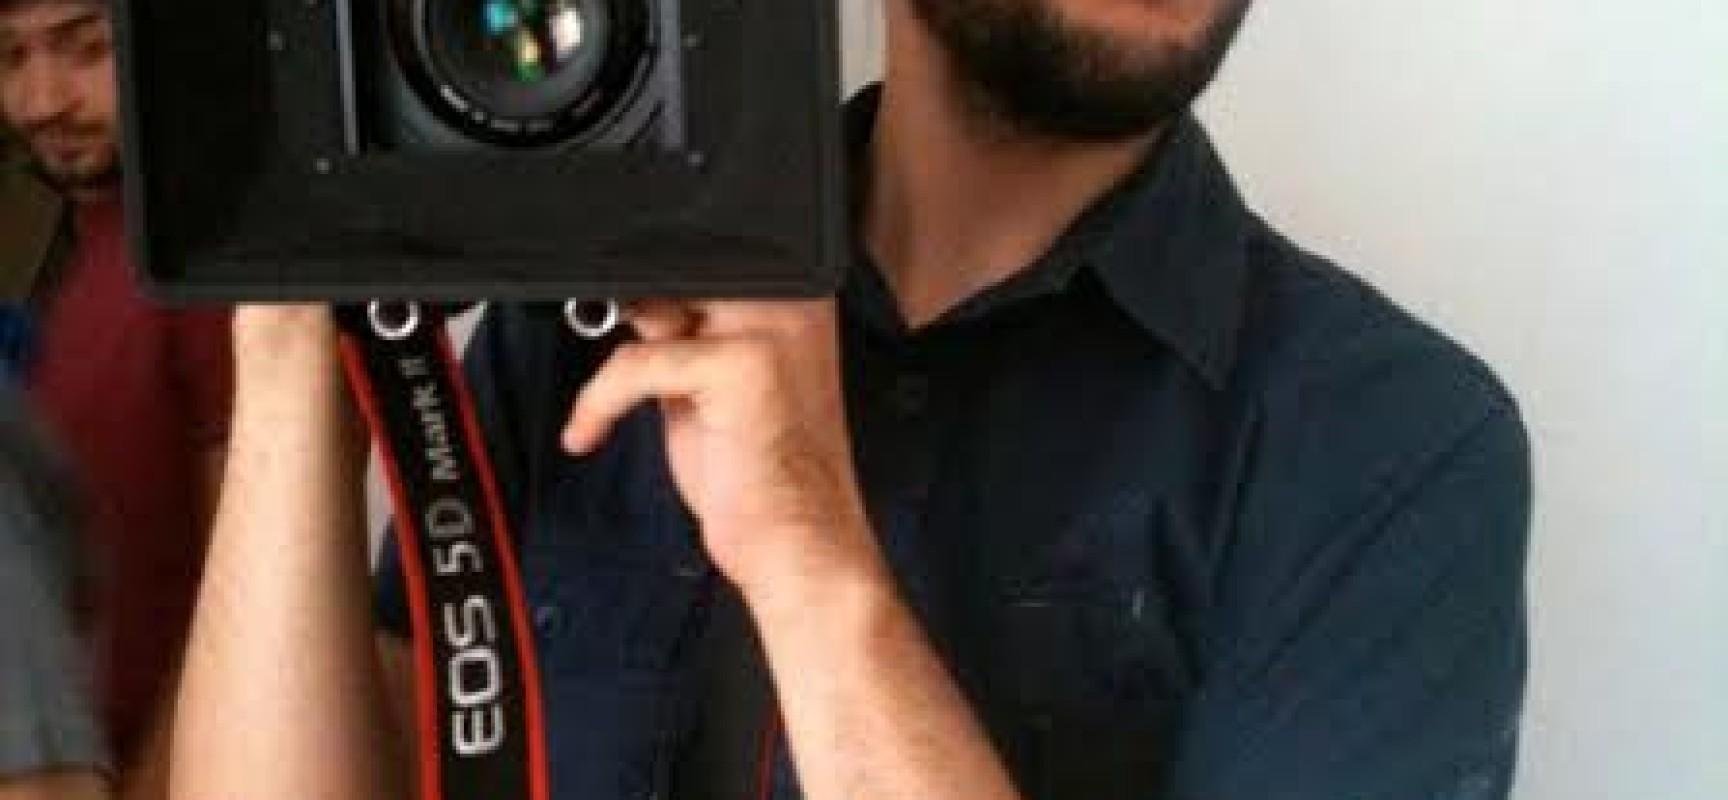 Napoli Film Festival vincono Little Crushes, Tacco 12 e Il segreto. Assegnati anche schermo web e fotogrammi